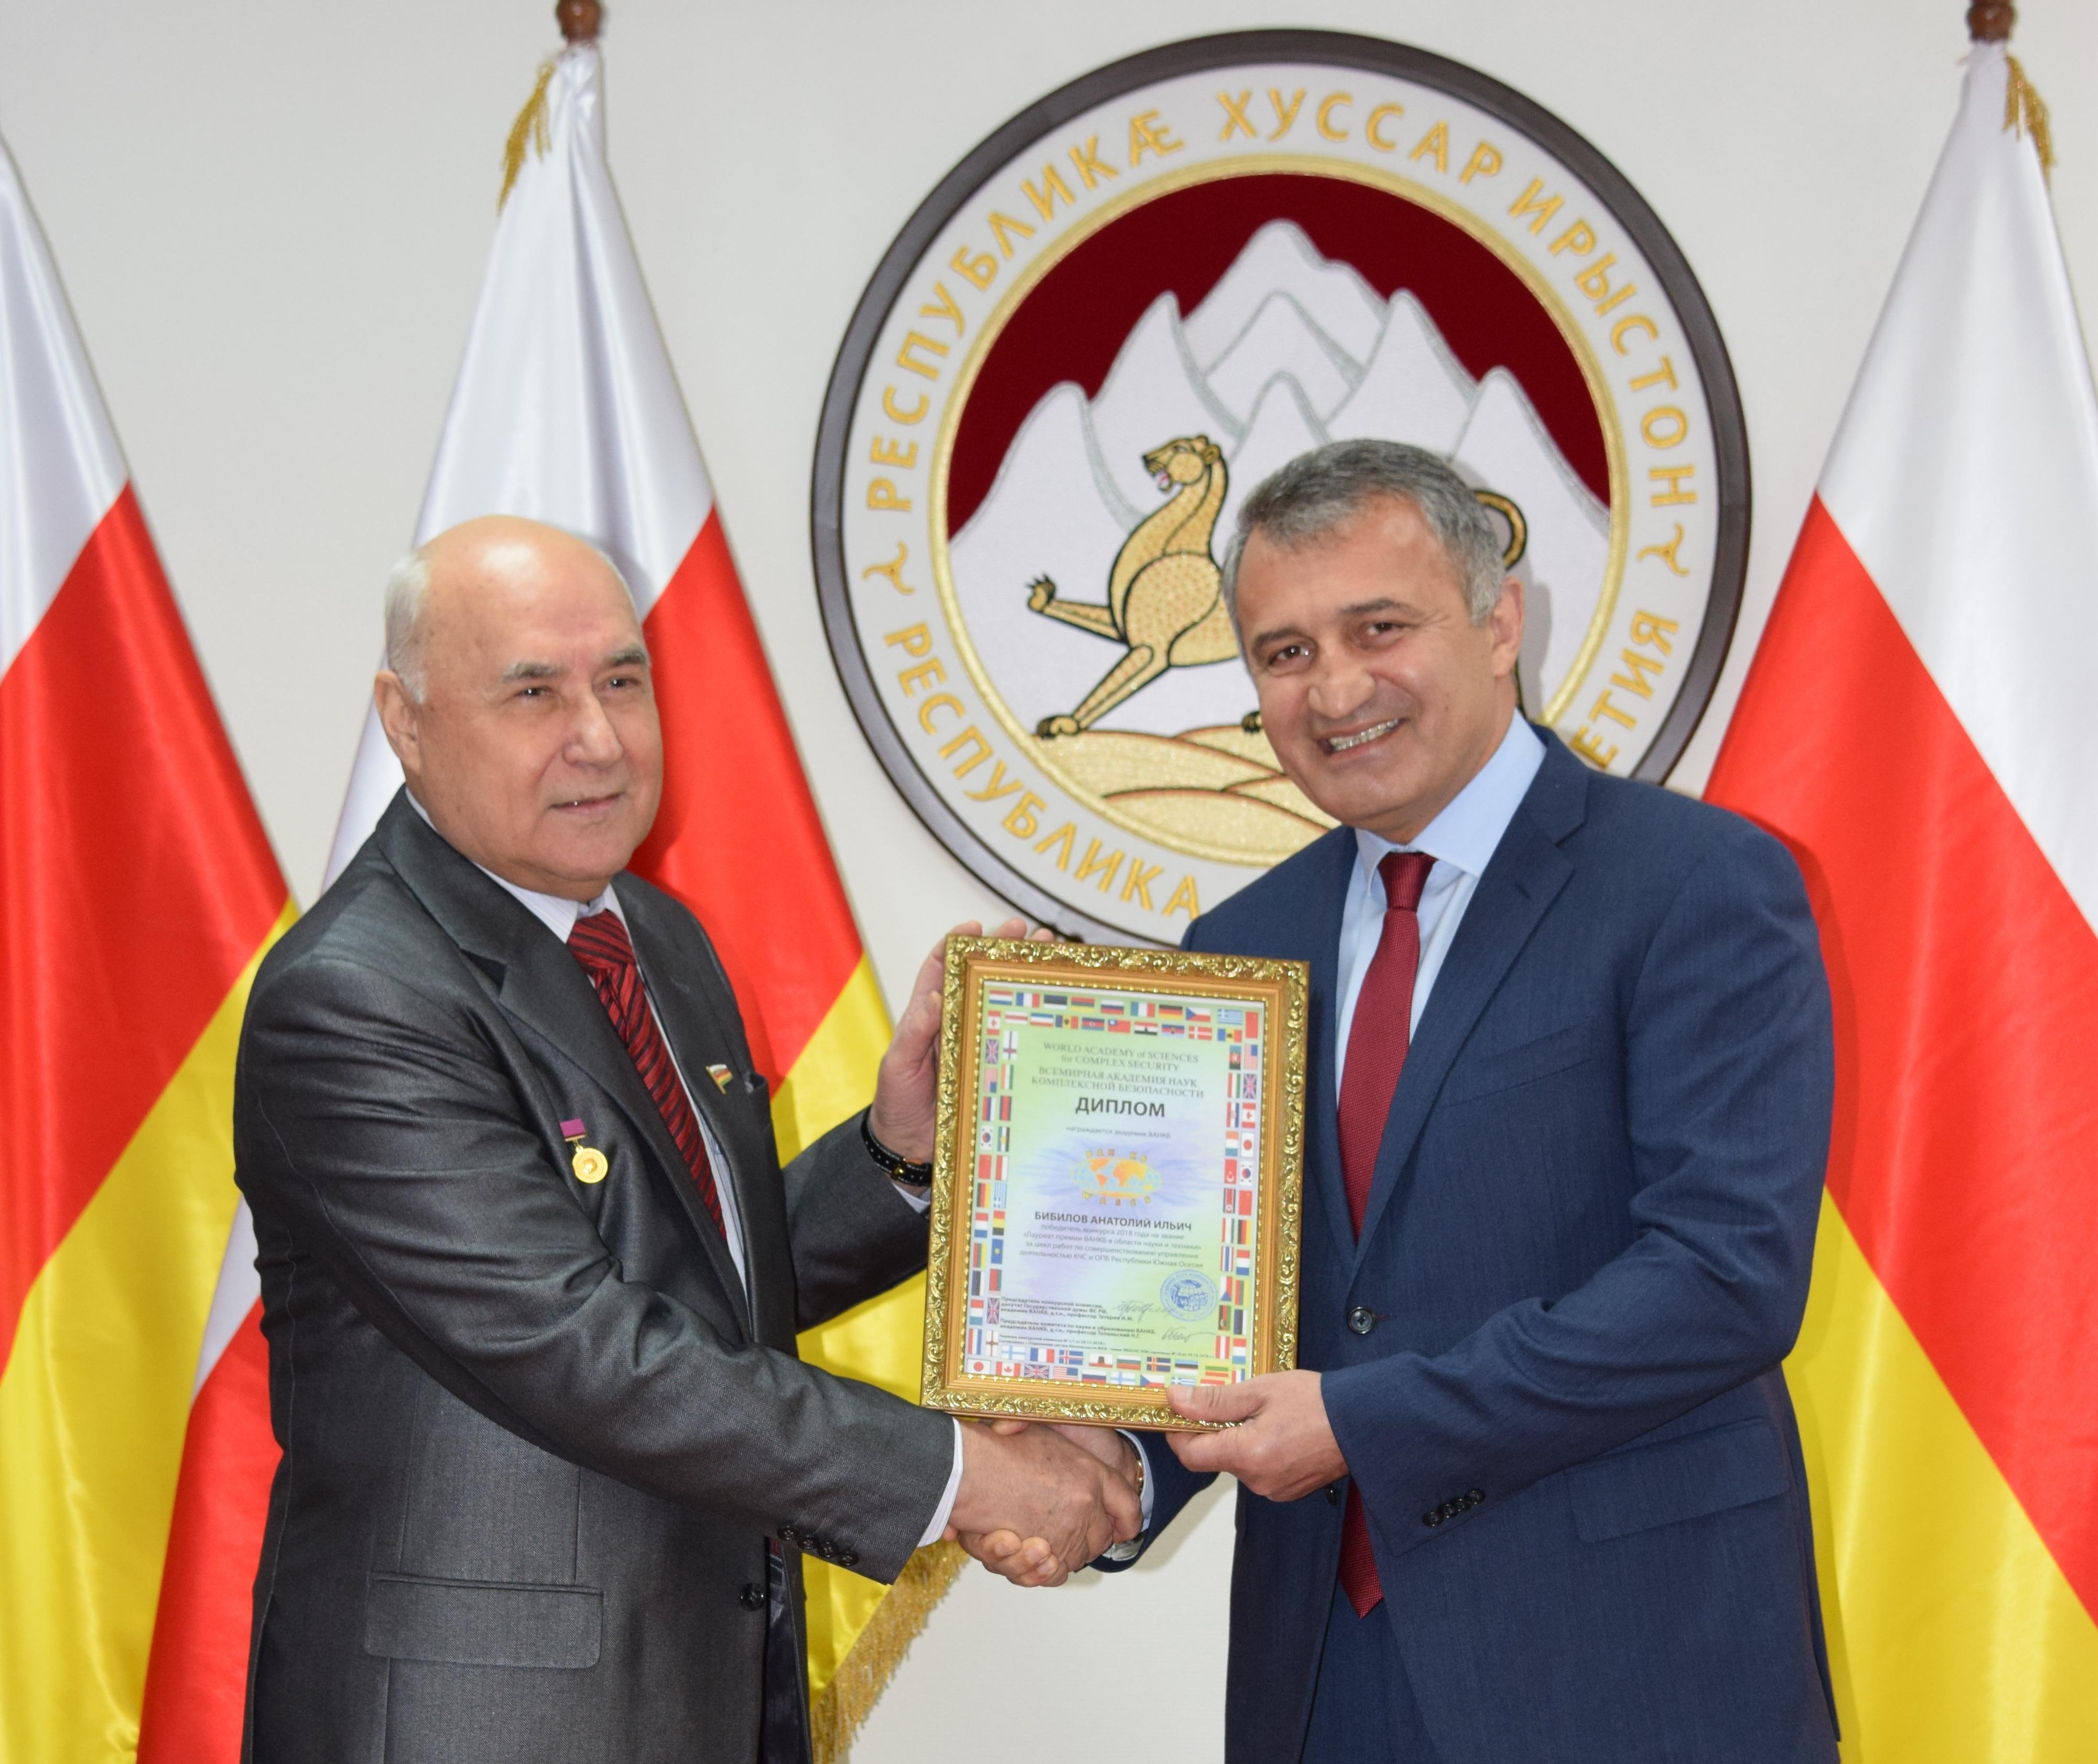 Анатолий Бибилов награжден Дипломом Всемирной Академии наук комплексной безопасности